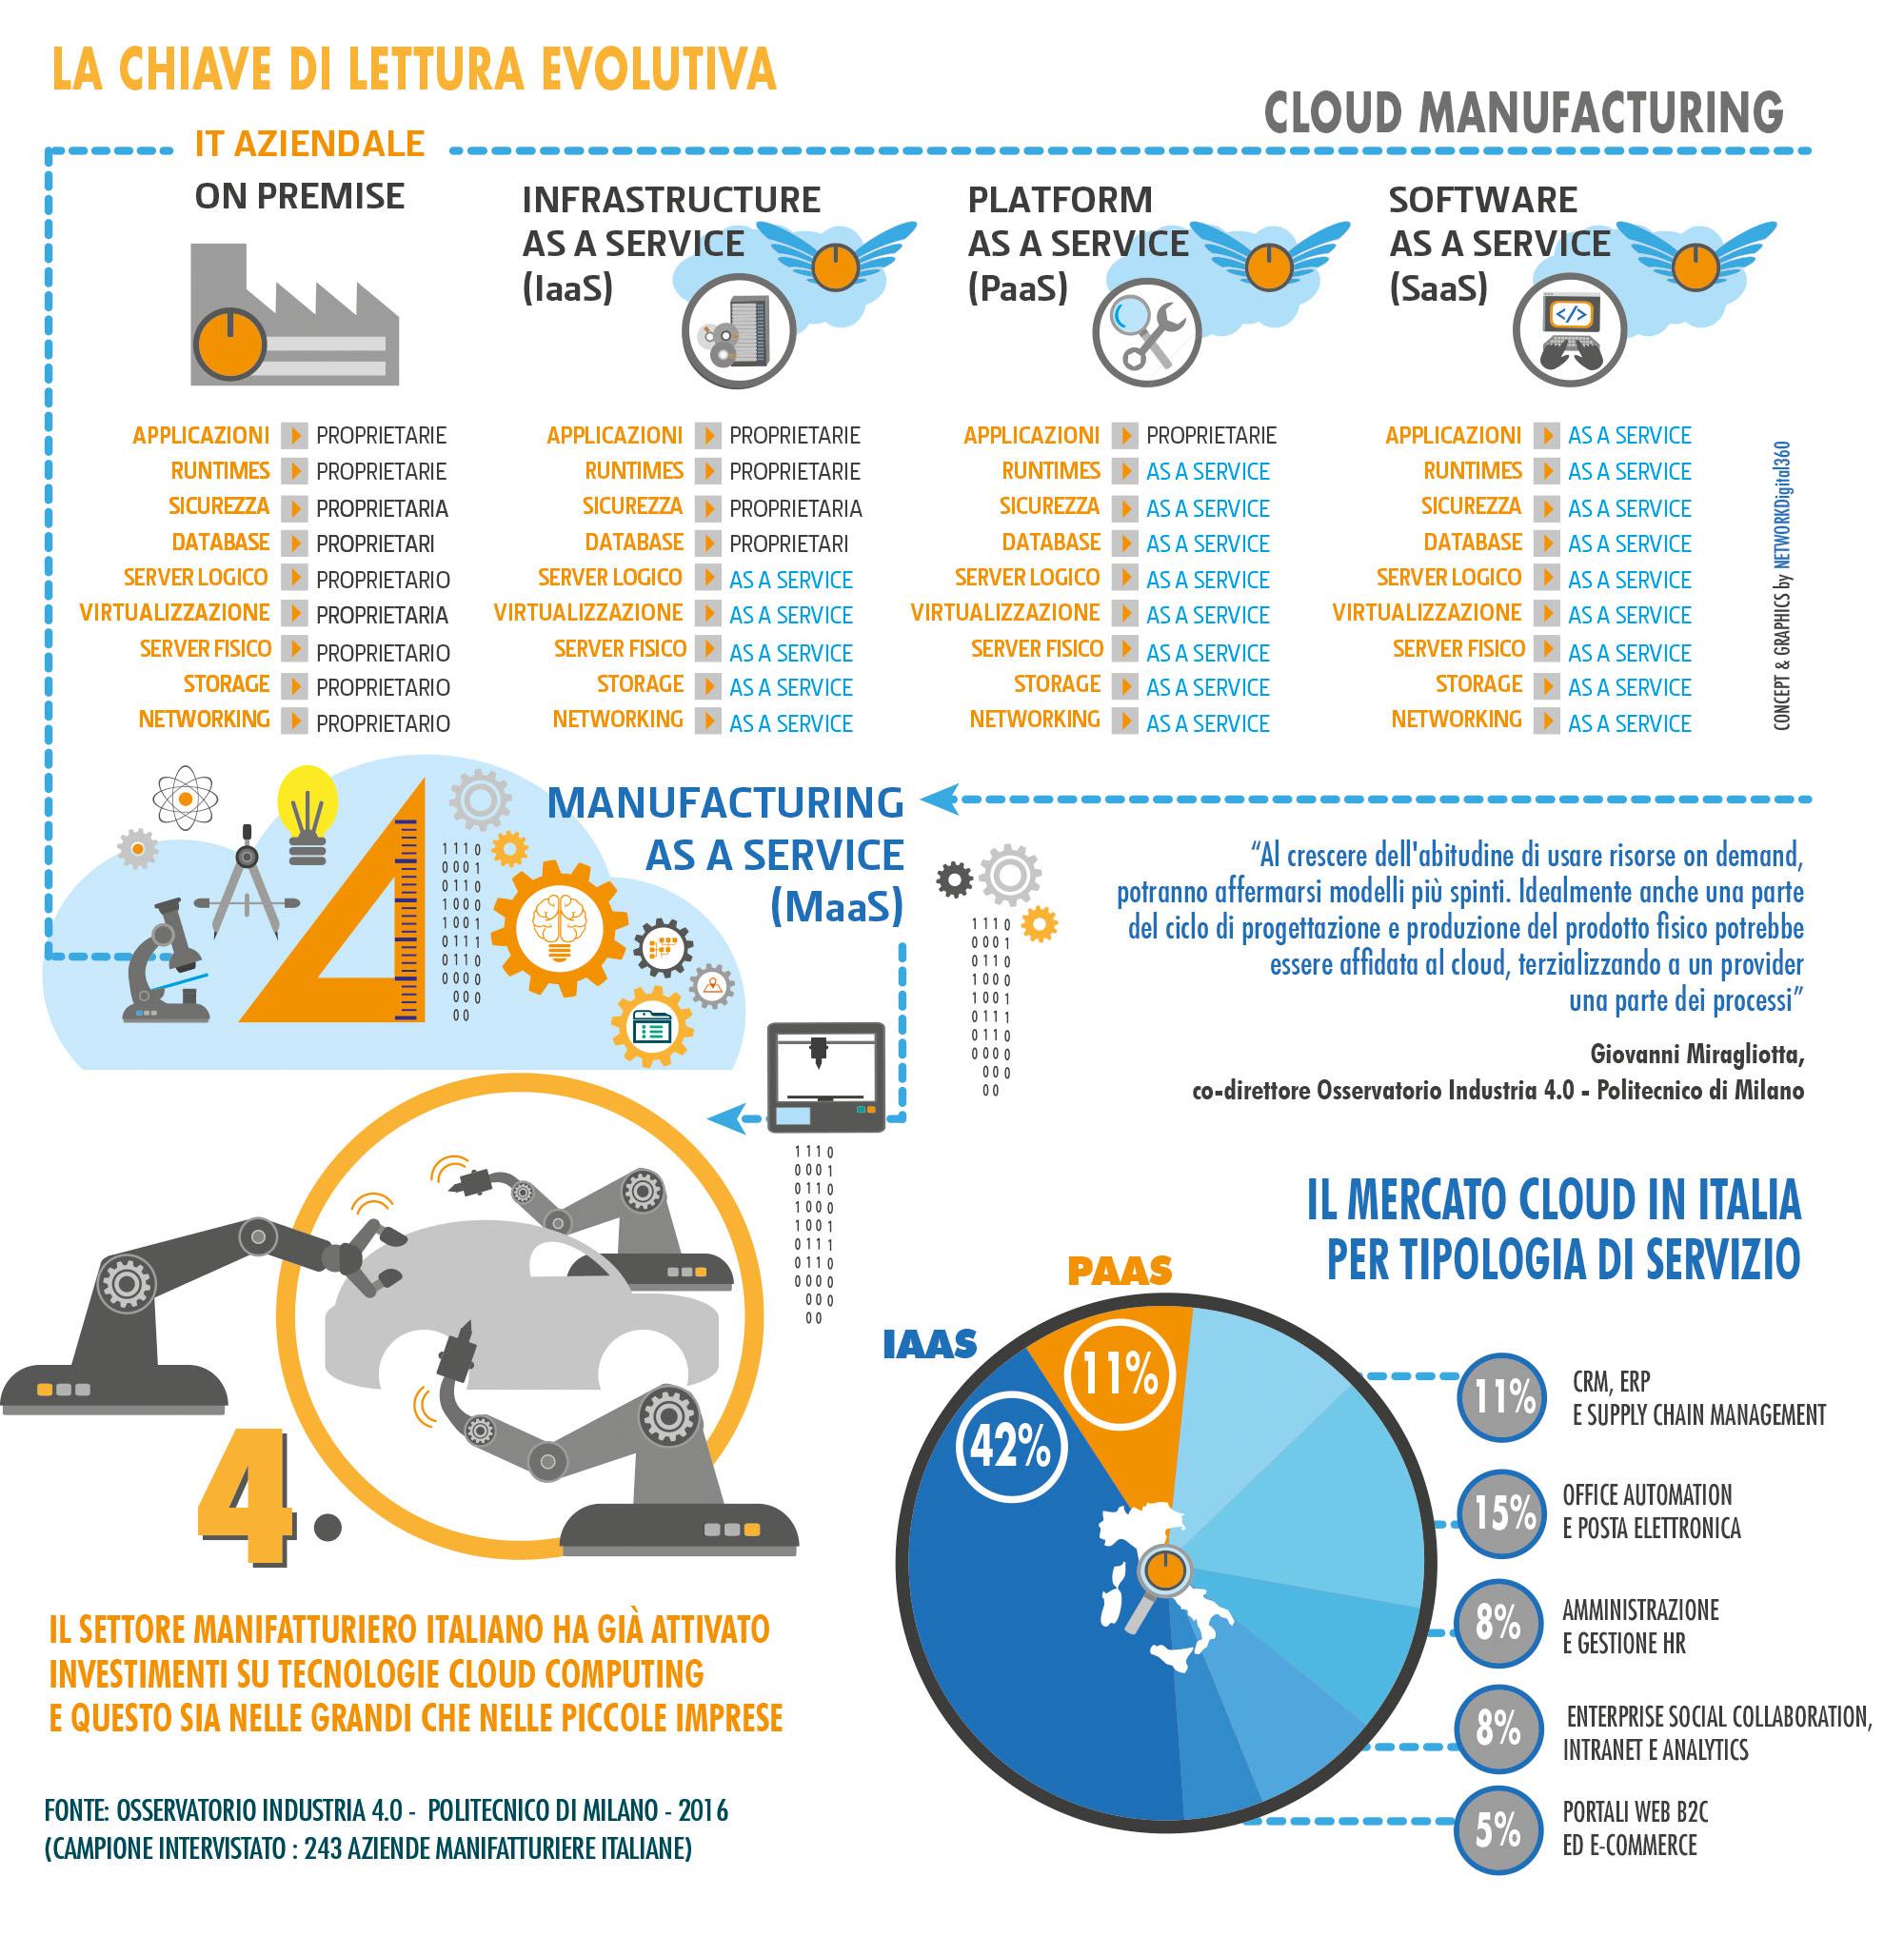 Evoluzione del cloud manufacturing